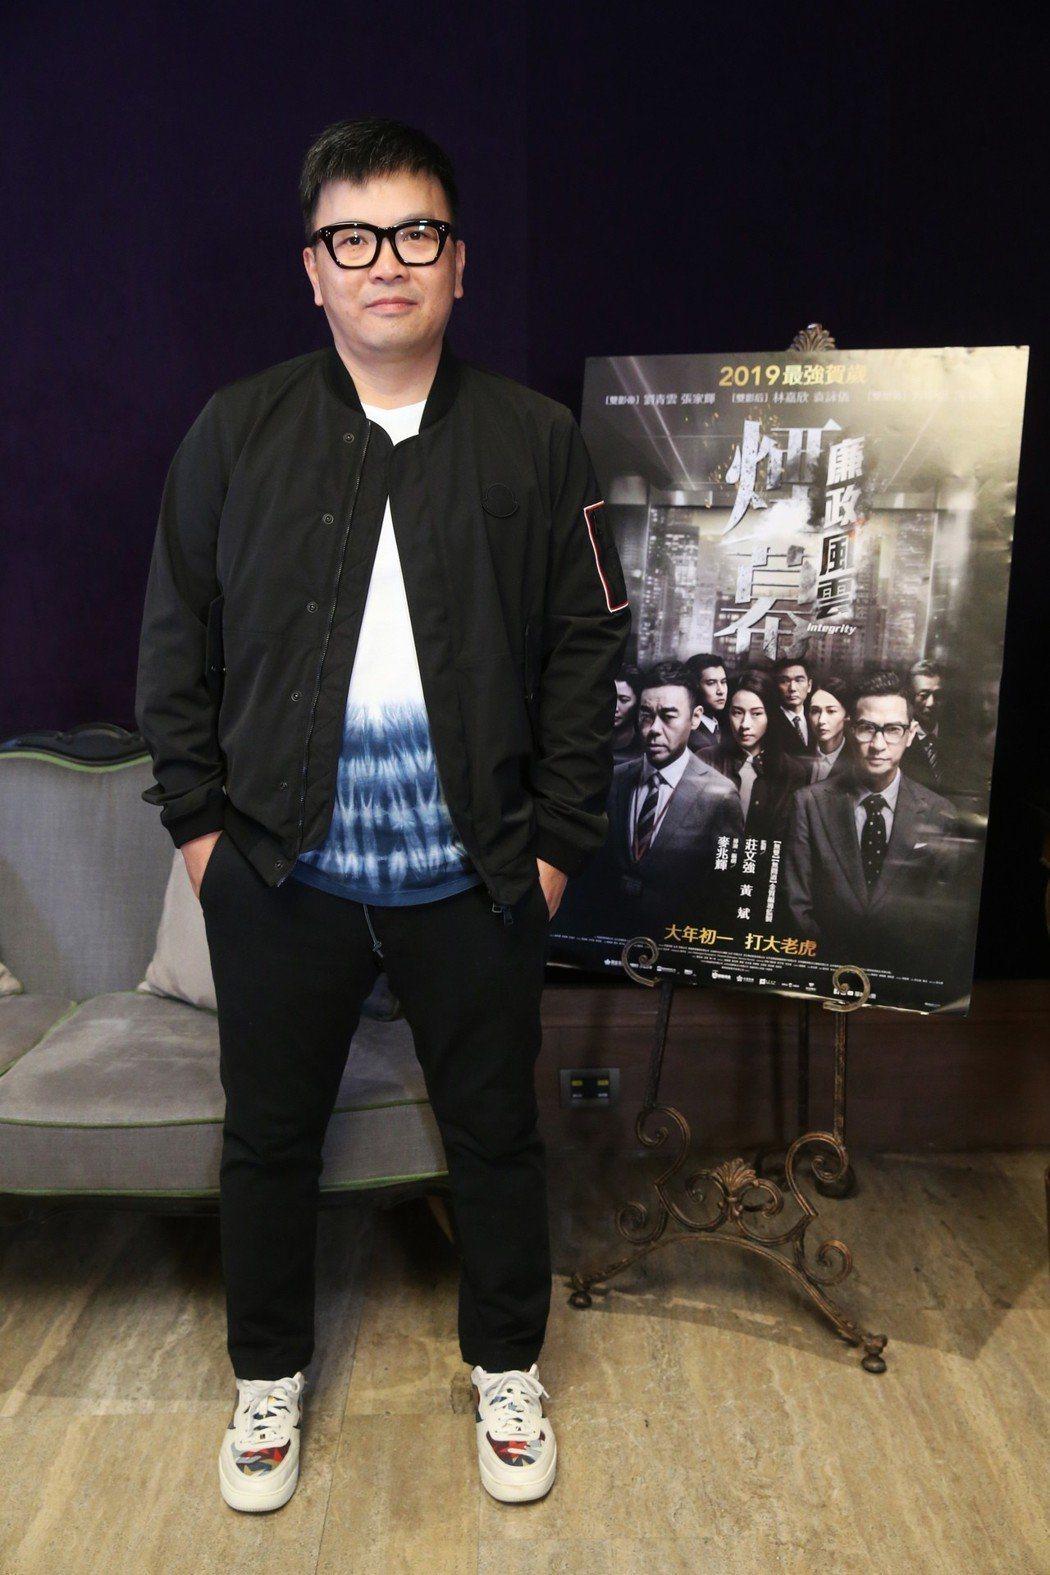 「無間道」系列導演麥兆輝坦言自己目前正停工中。聯合報系資料照/記者徐兆玄攝影